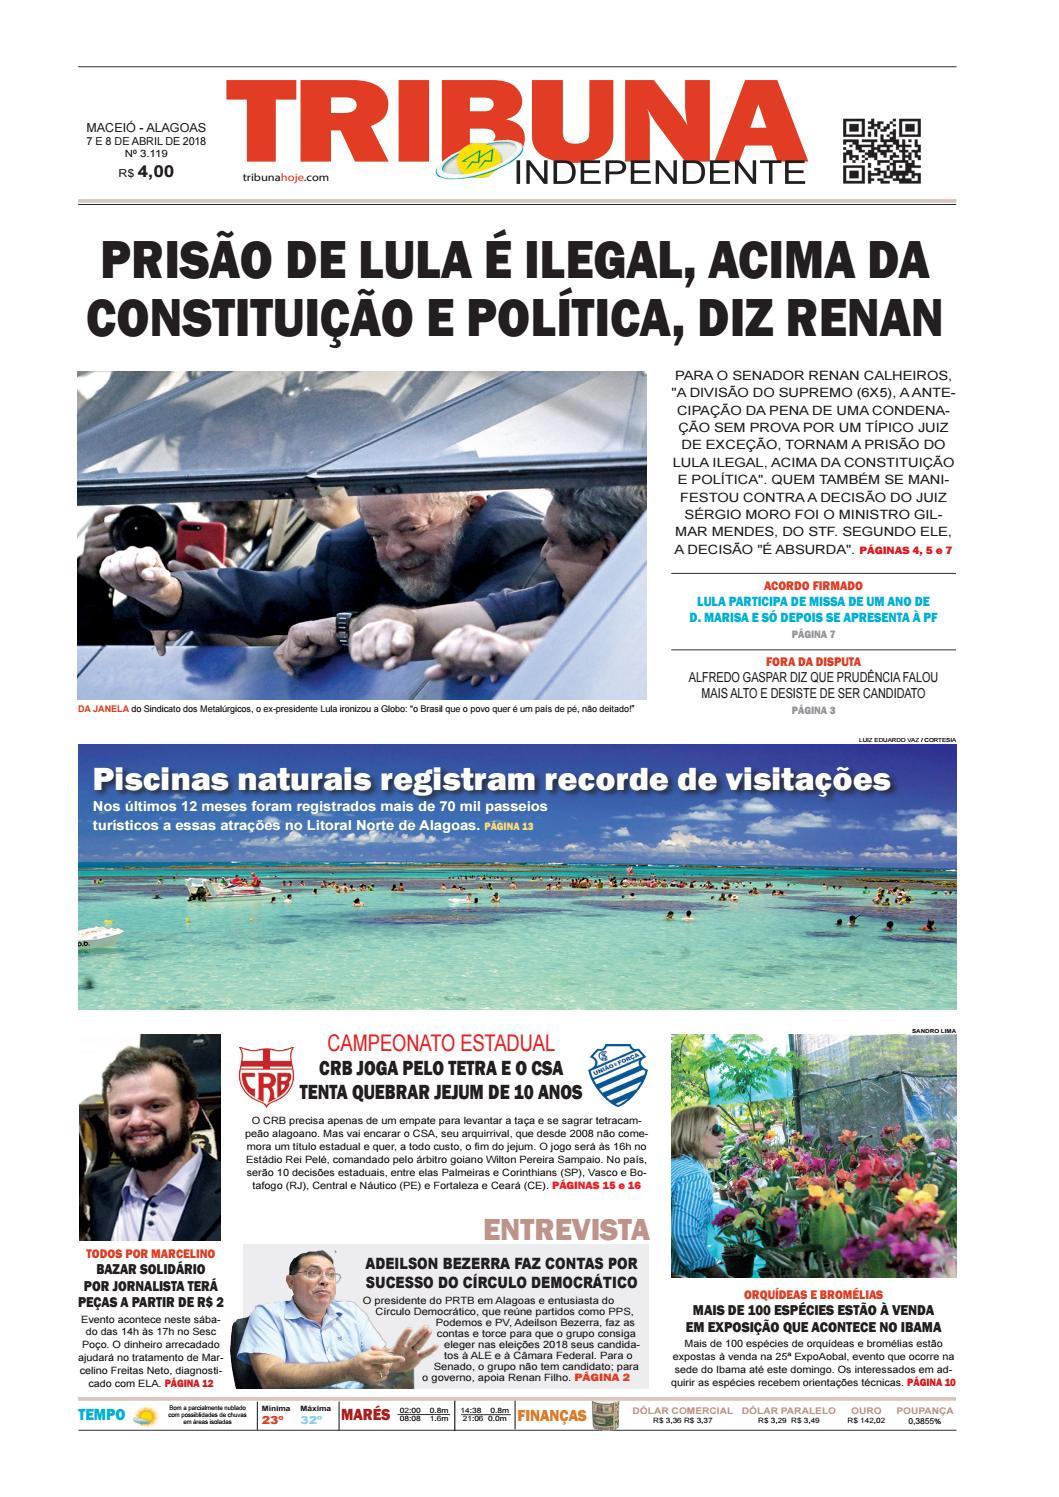 cb16c8c18 Edição número 3119 - 7 e 8 de abril de 2018 by Tribuna Hoje - issuu